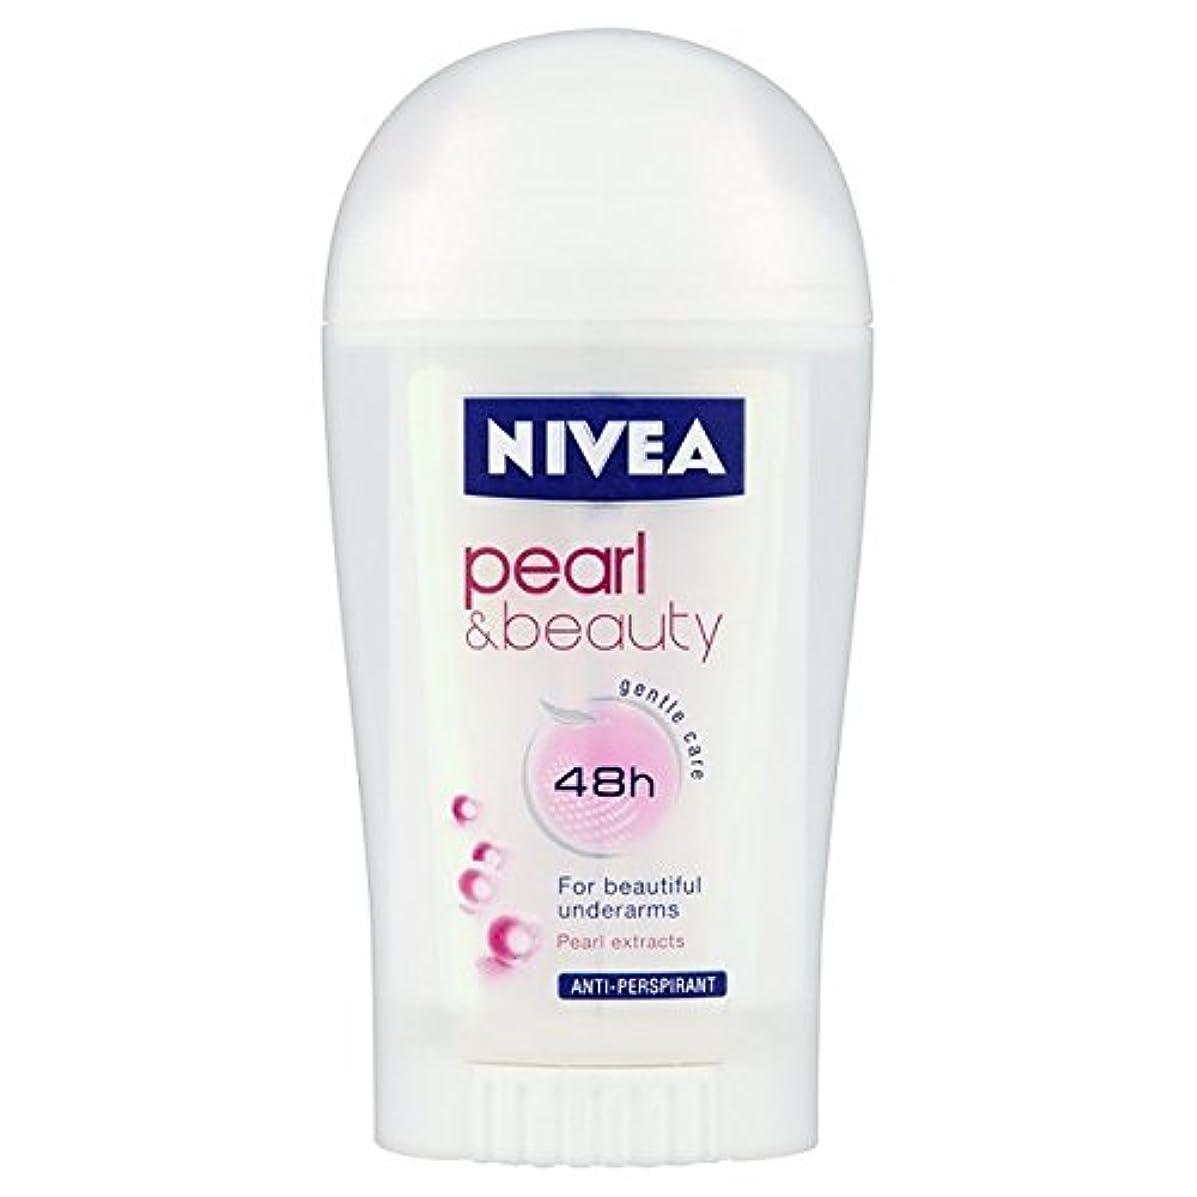 くさび月曜日ヒゲニベア真珠&ビューティー制汗デオドラントスティック40ミリリットル x2 - Nivea Pearl & Beauty Anti-Perspirant Deodorant Stick 40ml (Pack of 2) [並行輸入品]